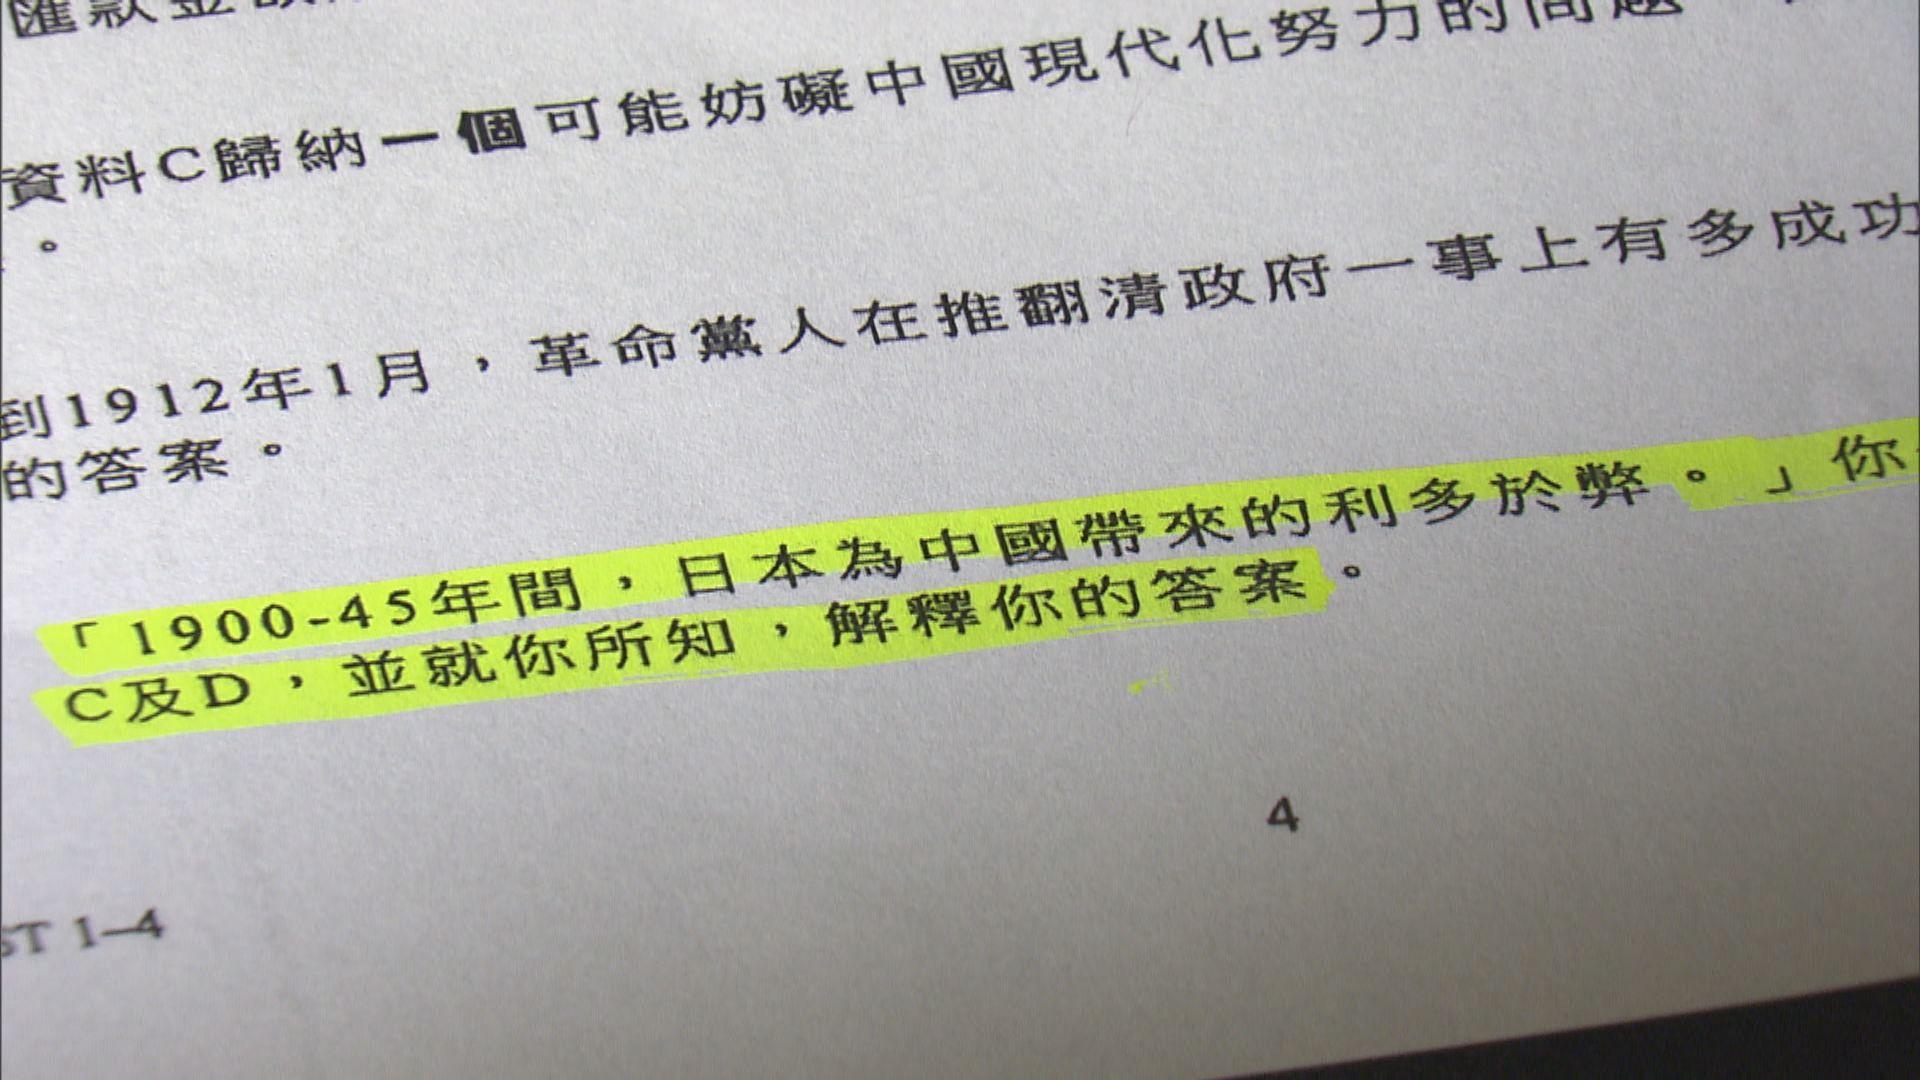 歷史科試題爭議 資深教師指歷屆文憑試曾有類似題型